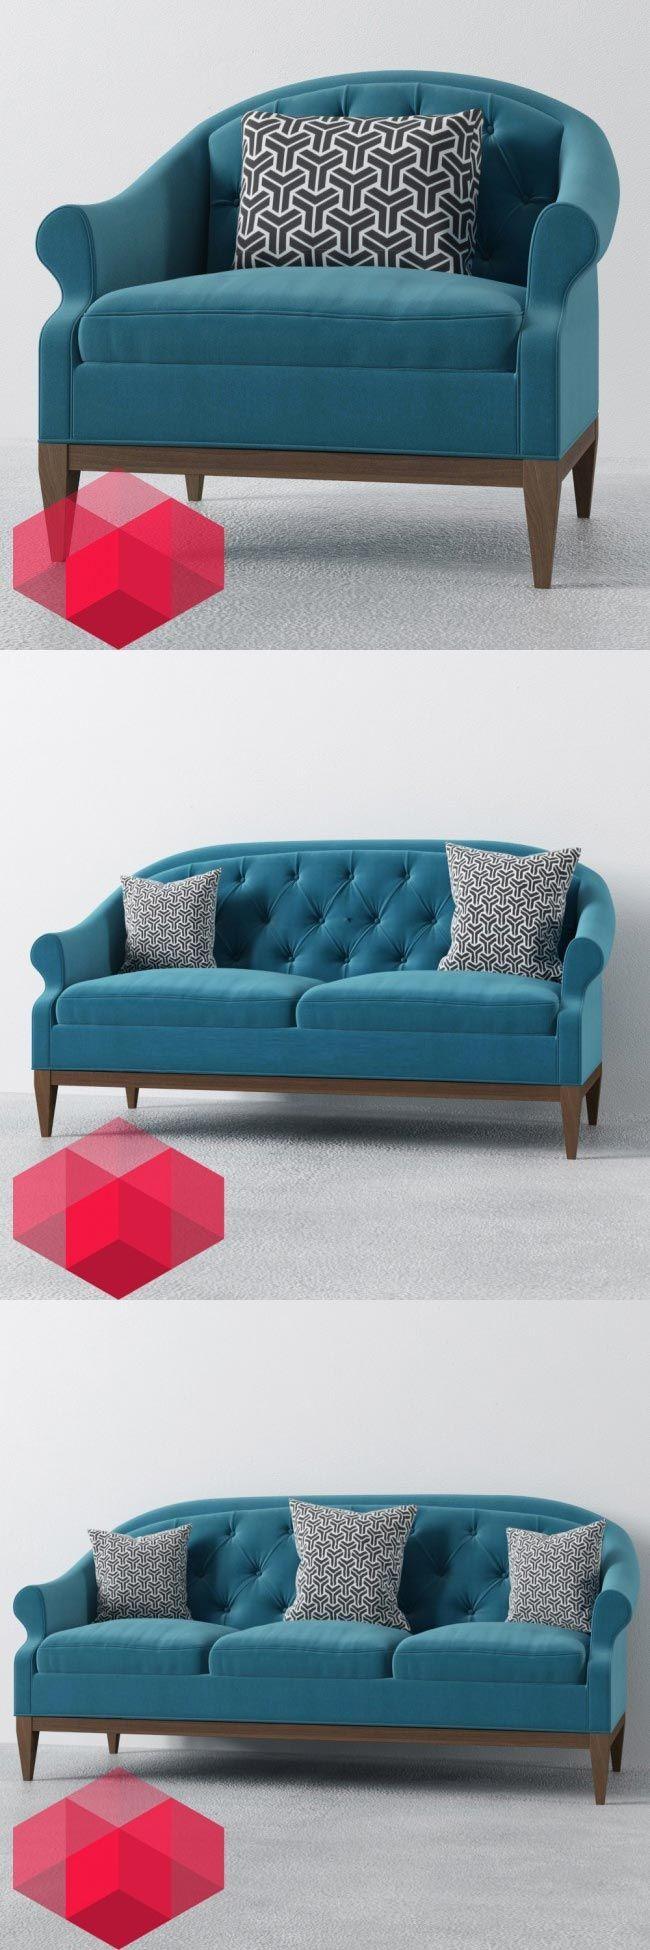 El equipo de Redhome Visual comparte hoy 3 modelos de su colección de mobiliario. Los objetos corresponden a sillones de estilo neoclásico, de 1, 2 y 3 cuerpos, y están disponibles en formato .MAX y .FBX.